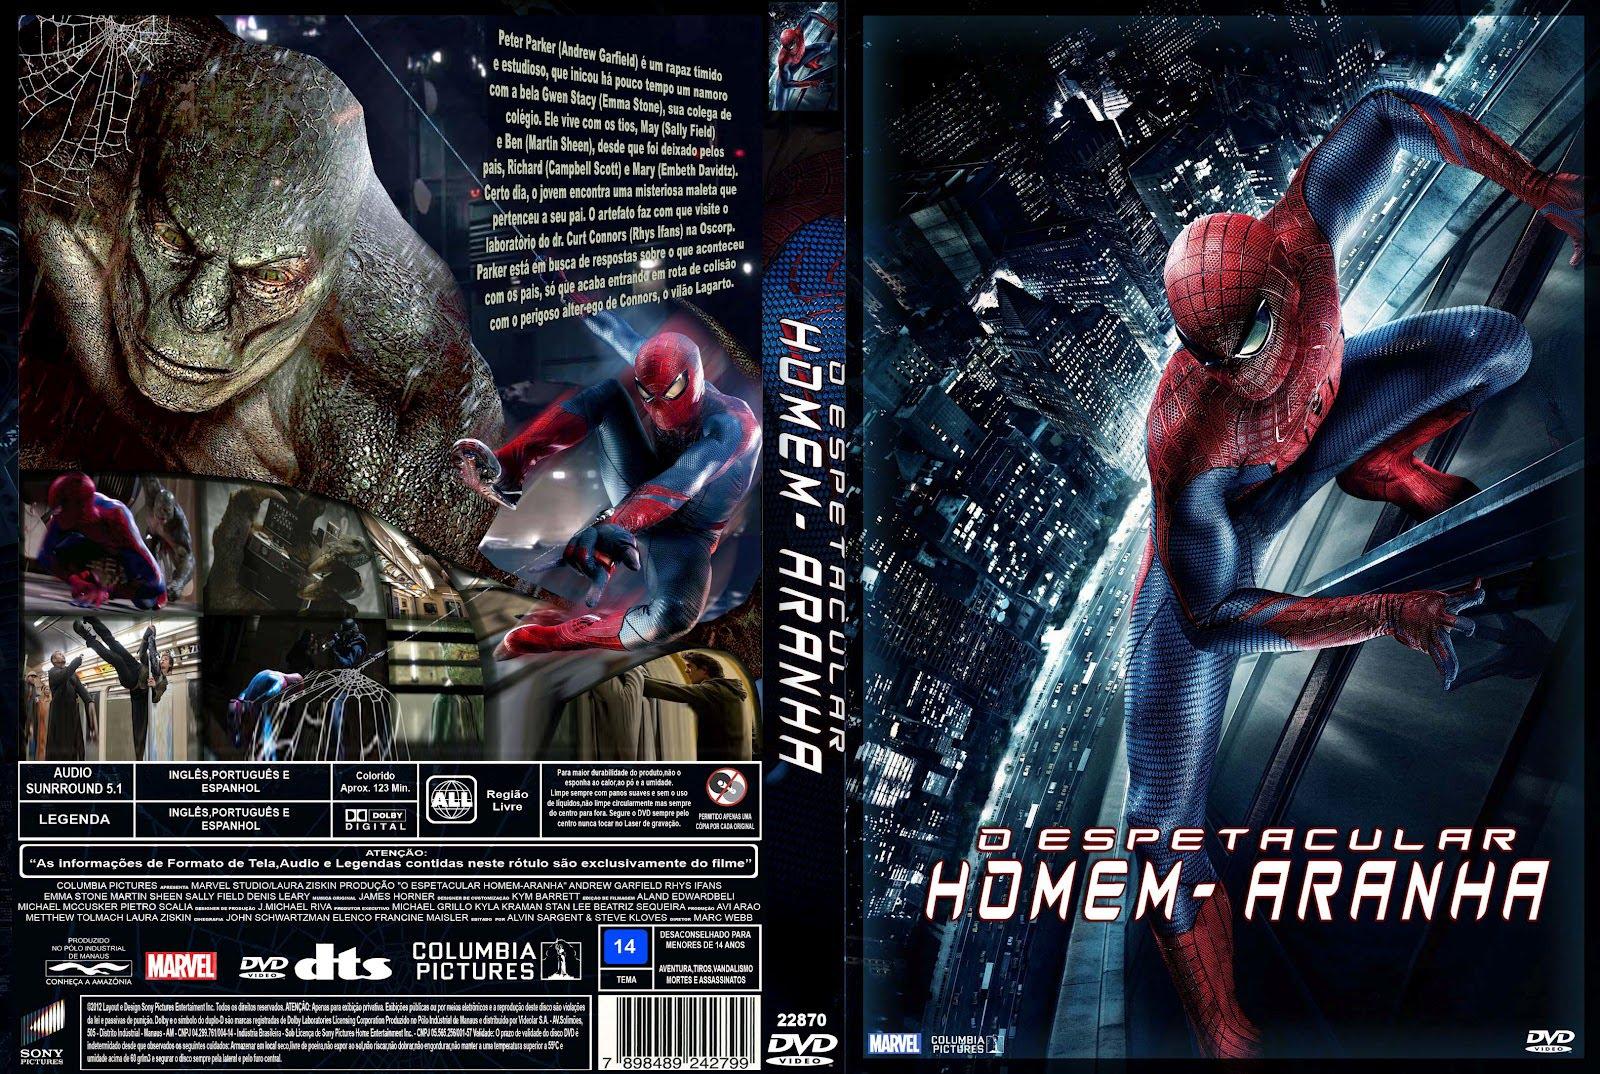 Capasjs O Espetacular Homem Aranha